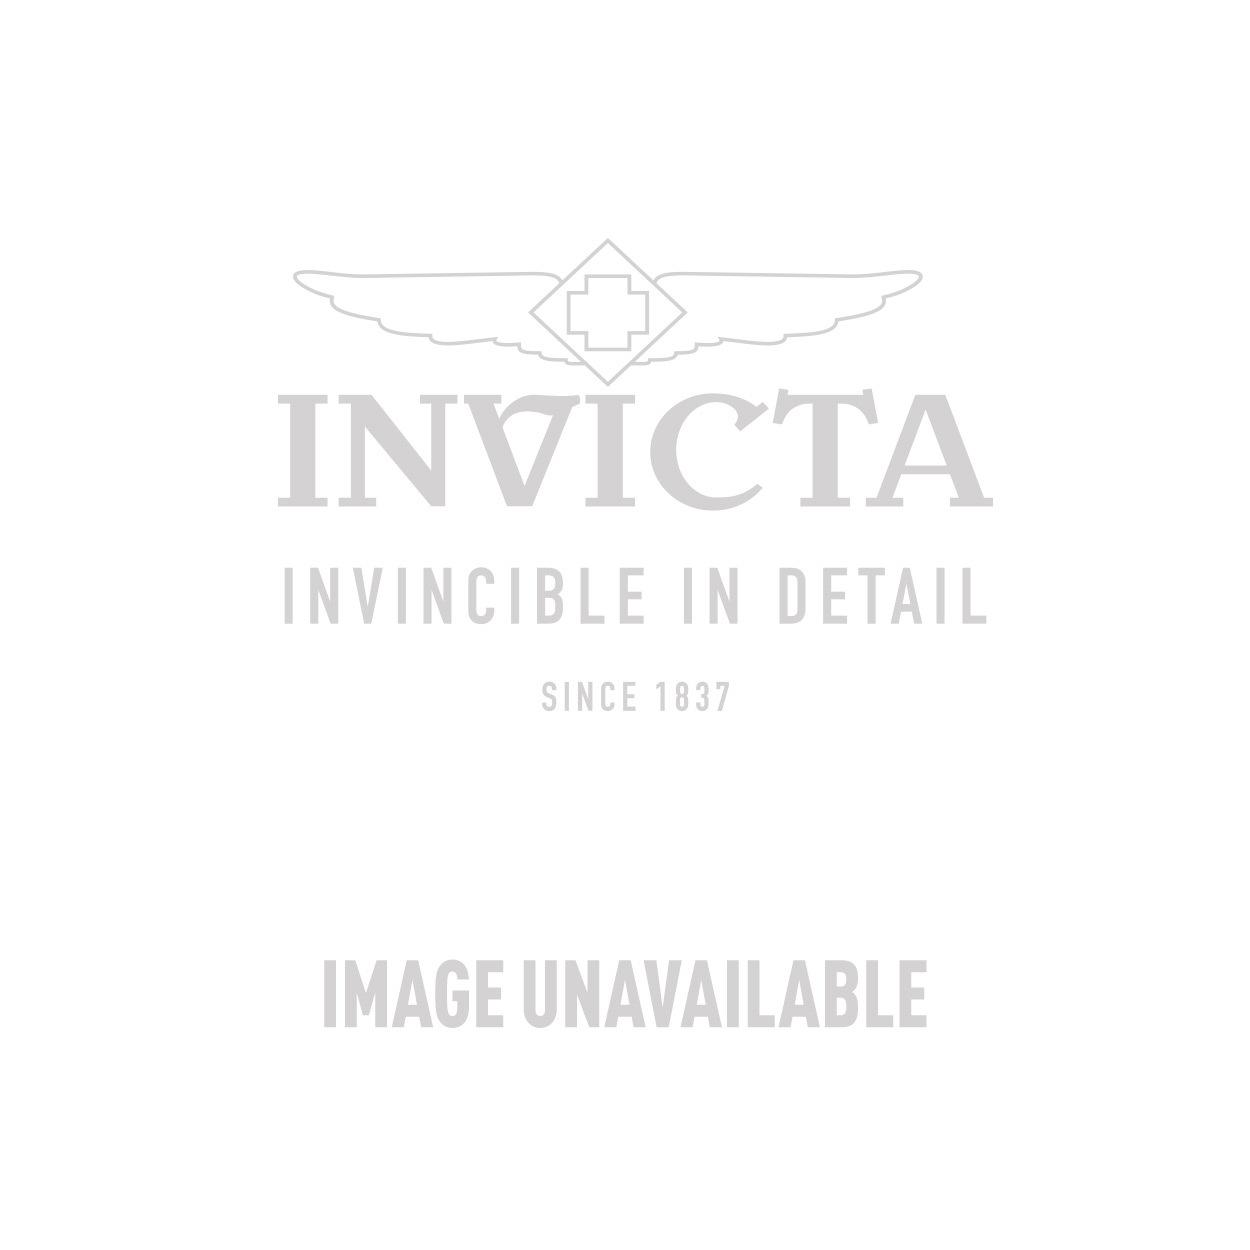 Invicta Subaqua Swiss Made Quartz Watch - Gold case with Black tone Silicone band - Model 15580